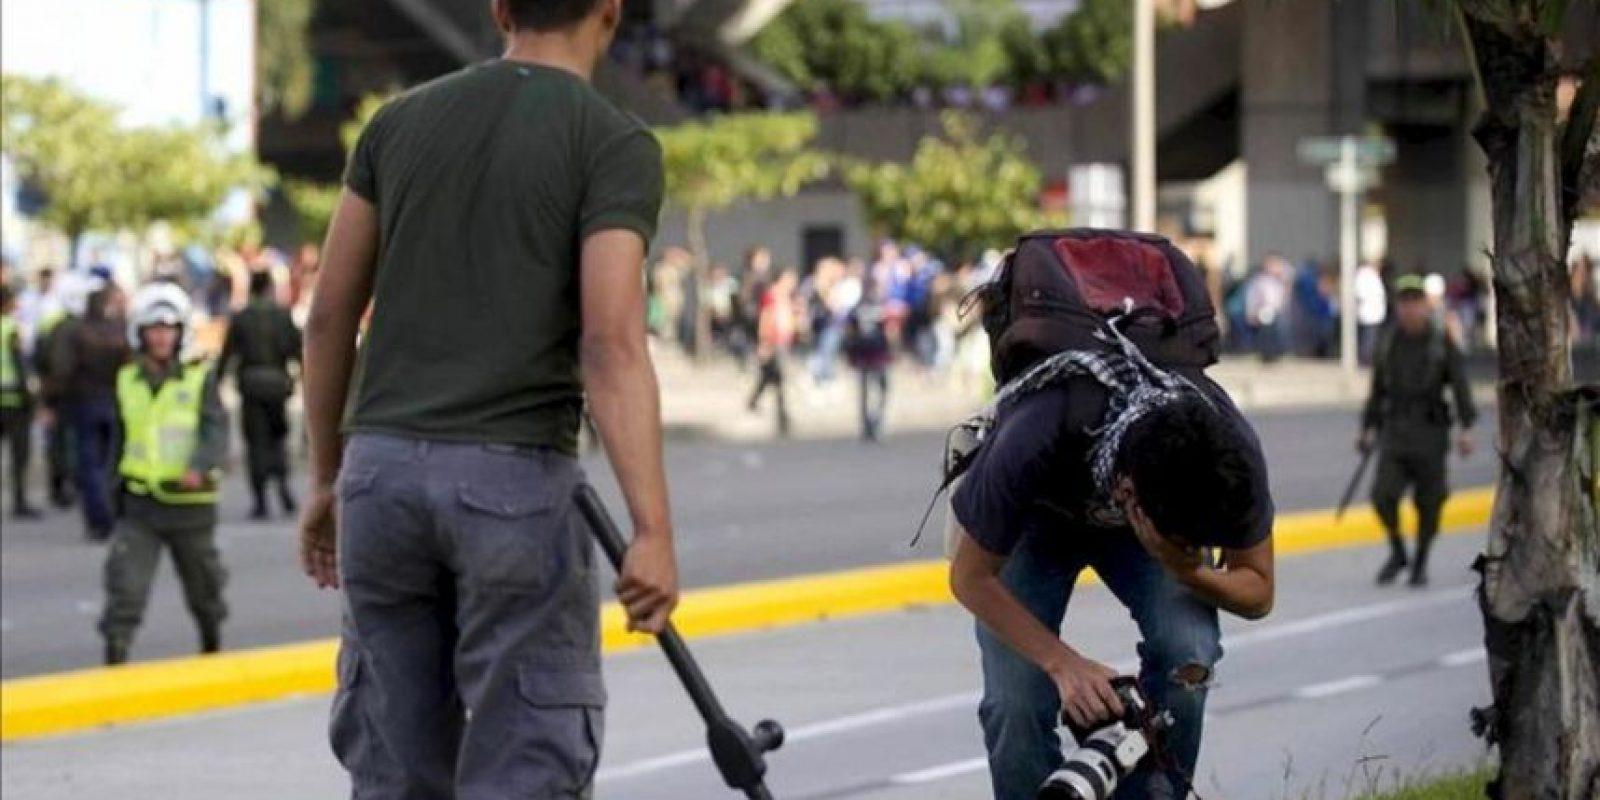 El fotógrafo de Agencia Efe Luis Eduardo Noriega (d) recibe un golpe de un policía vestido de civil (i) el 29 de agosto de 2013, en Medellín (Colombia). EFE